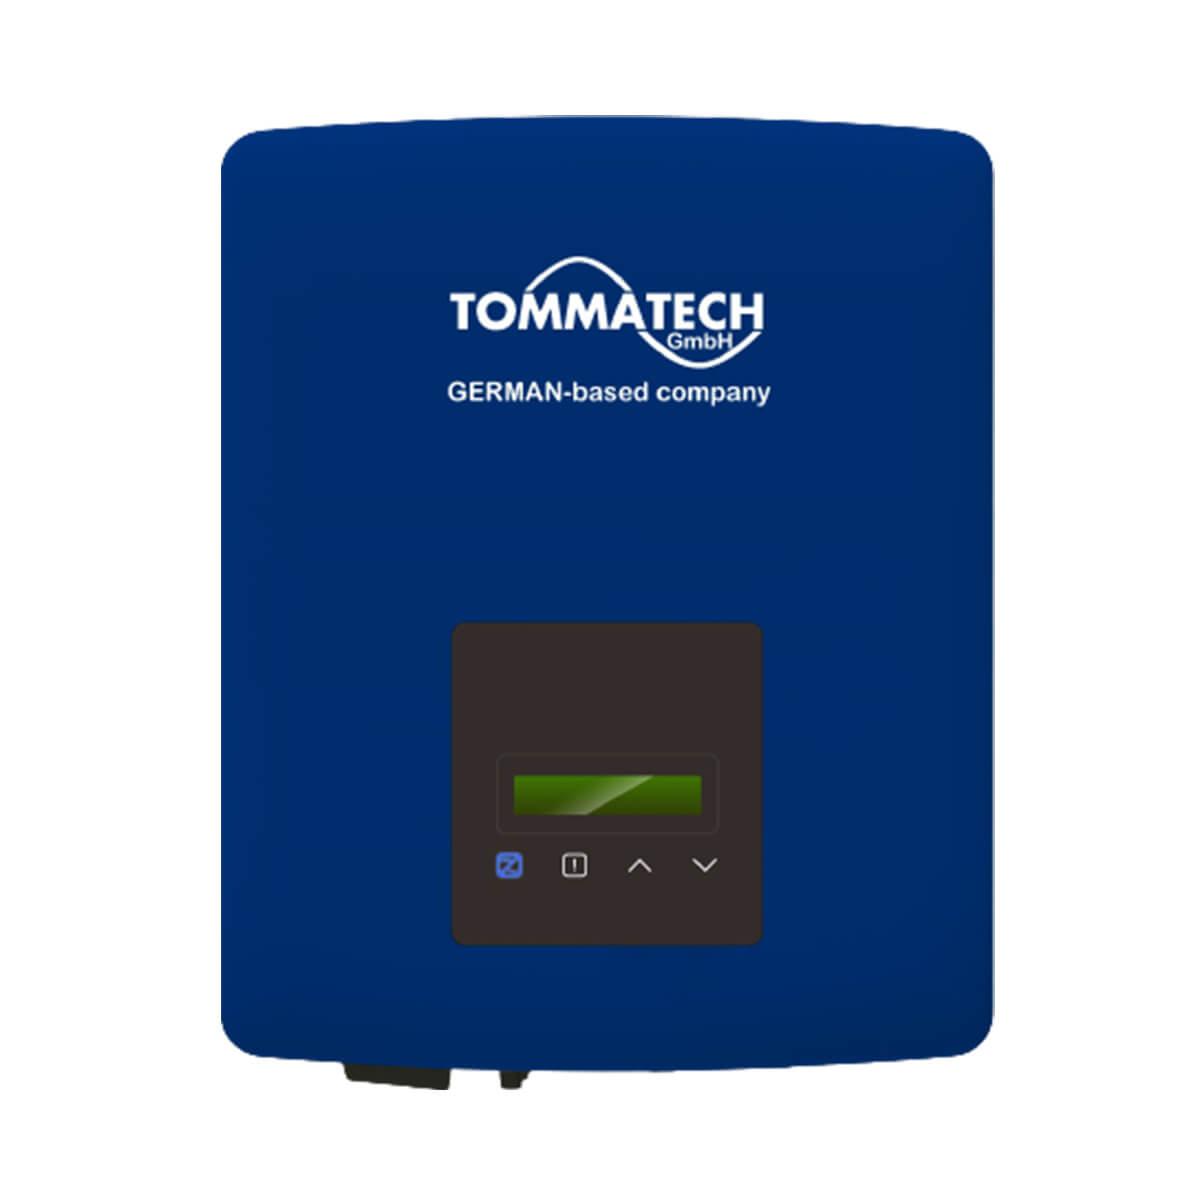 tommatech 3kW inverter, tommatech uno 3kW inverter, tommatech uno-a-3.0 inverter, tommatech uno-a-3.0, tommatech uno 3 kW, TOMMATECH 3 kW